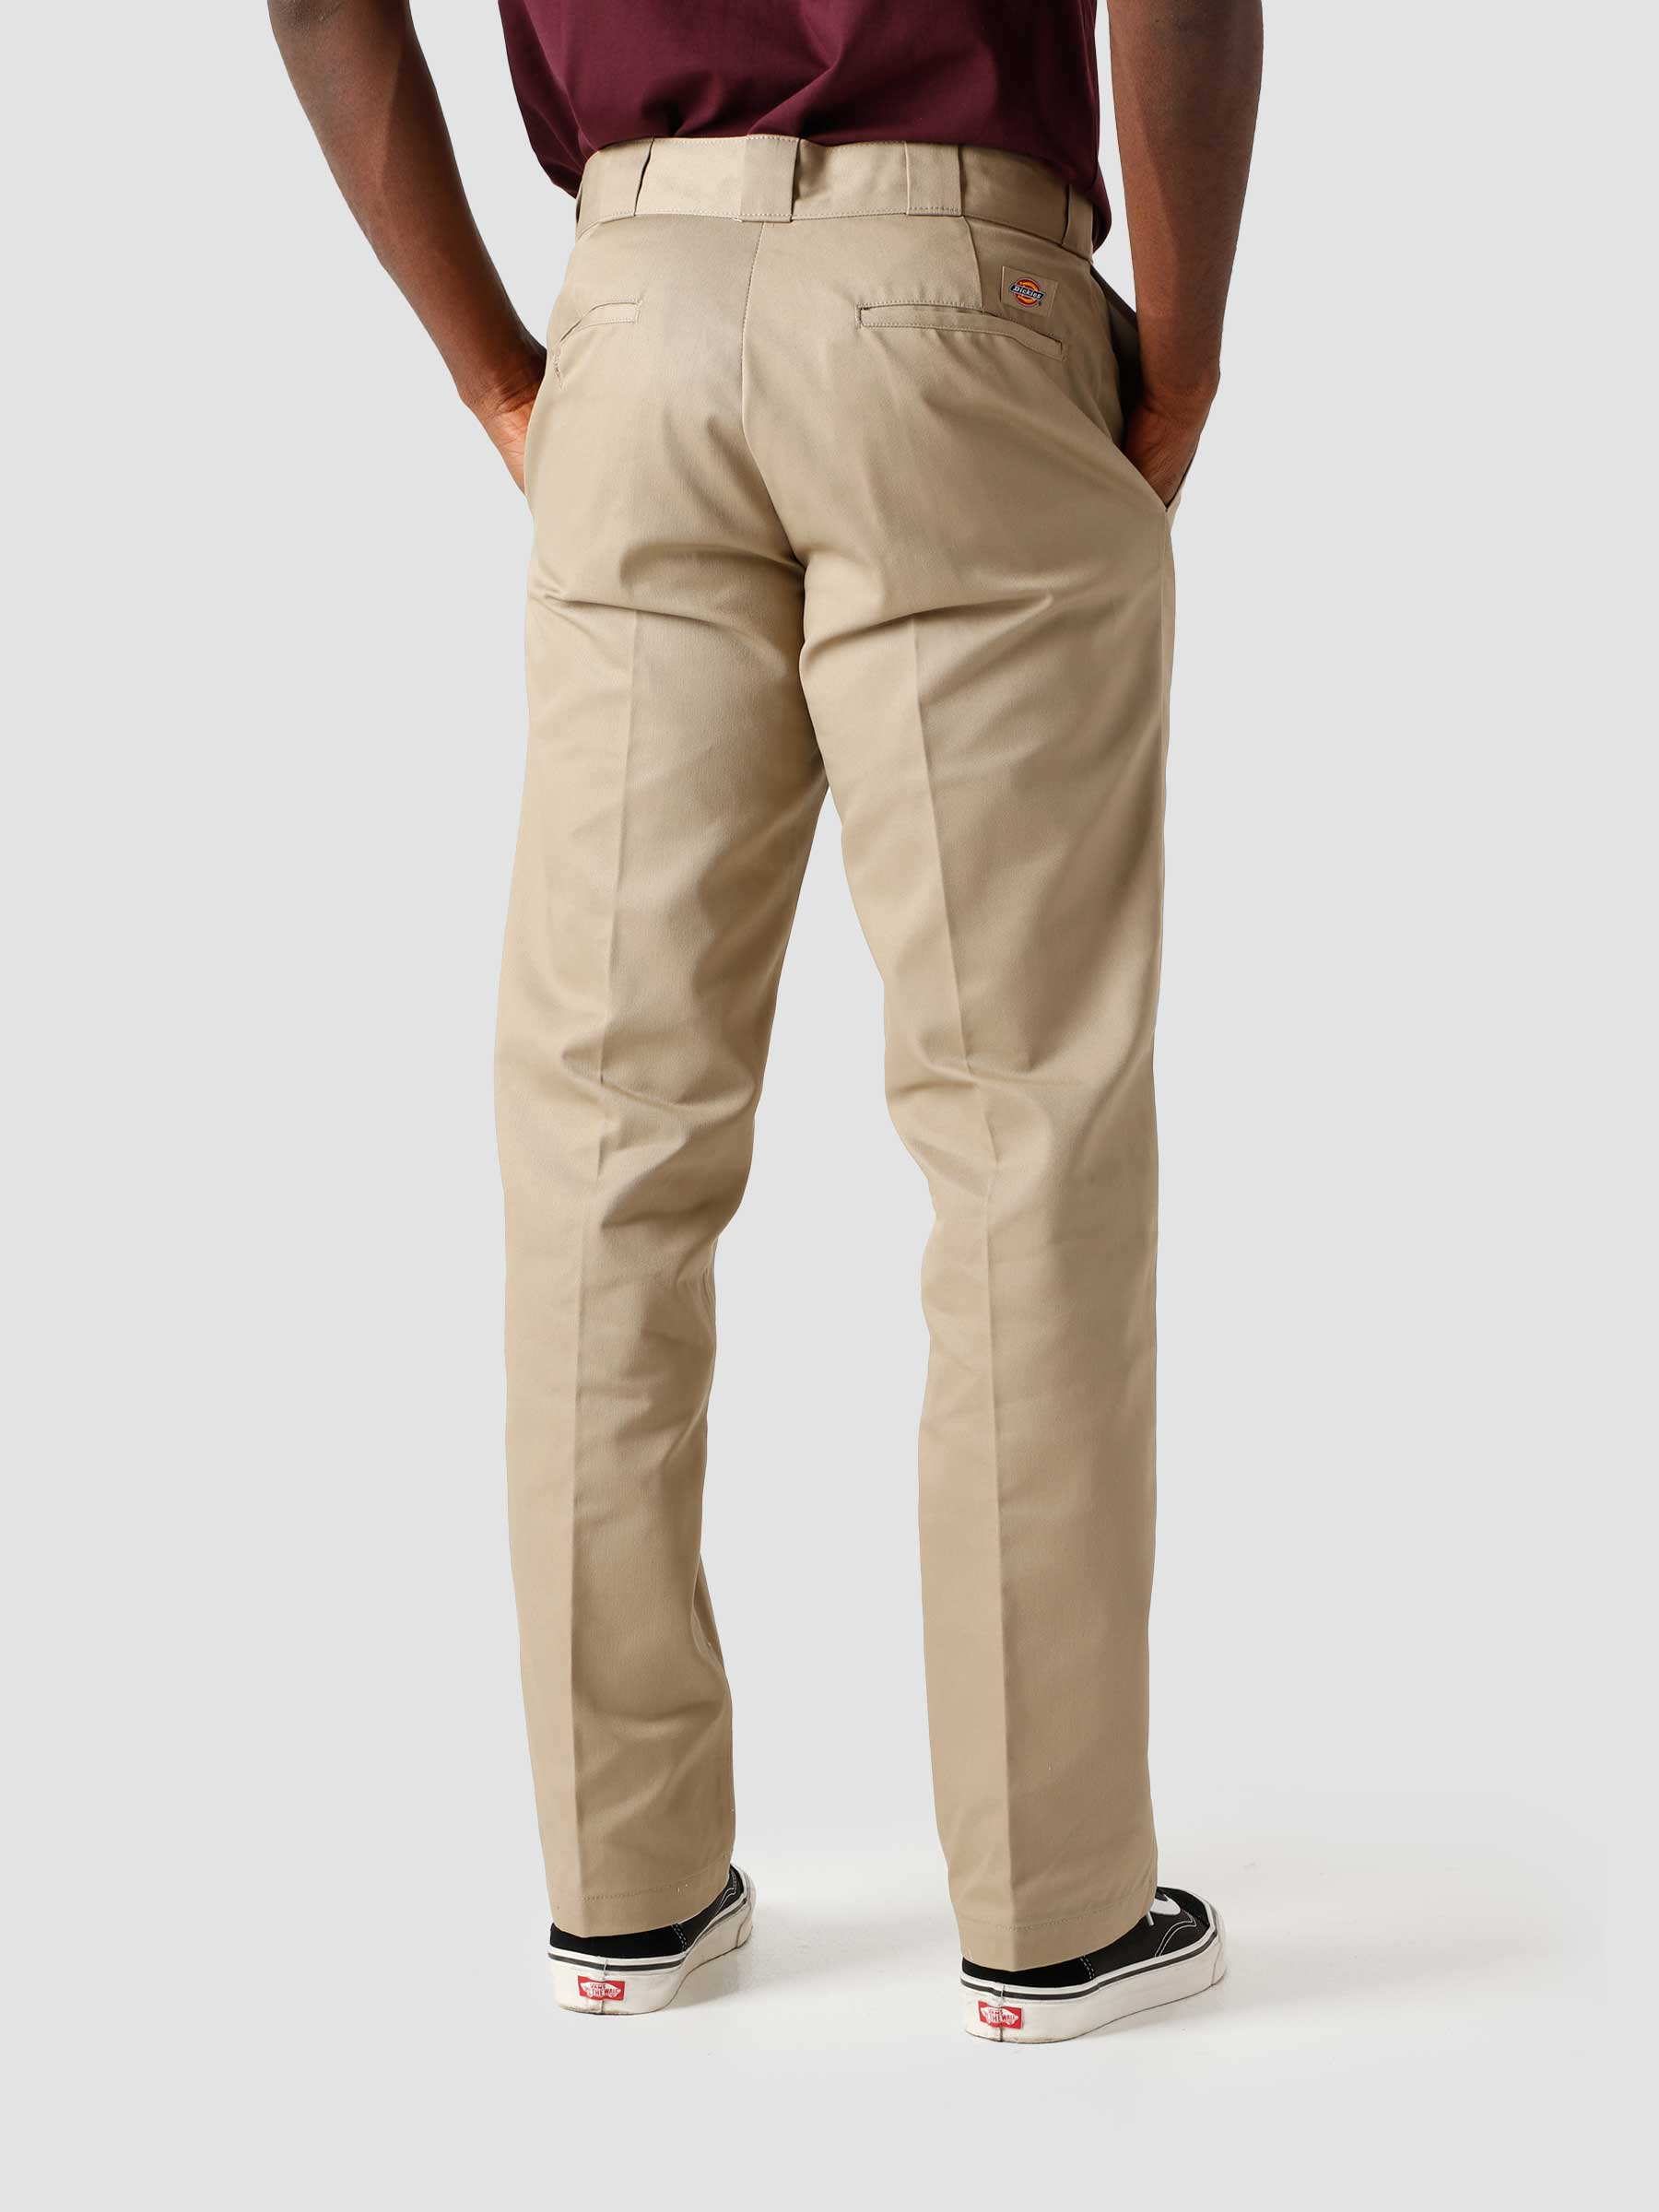 Original Fit Straight Leg Work Pant Khaki DK000874KHK1